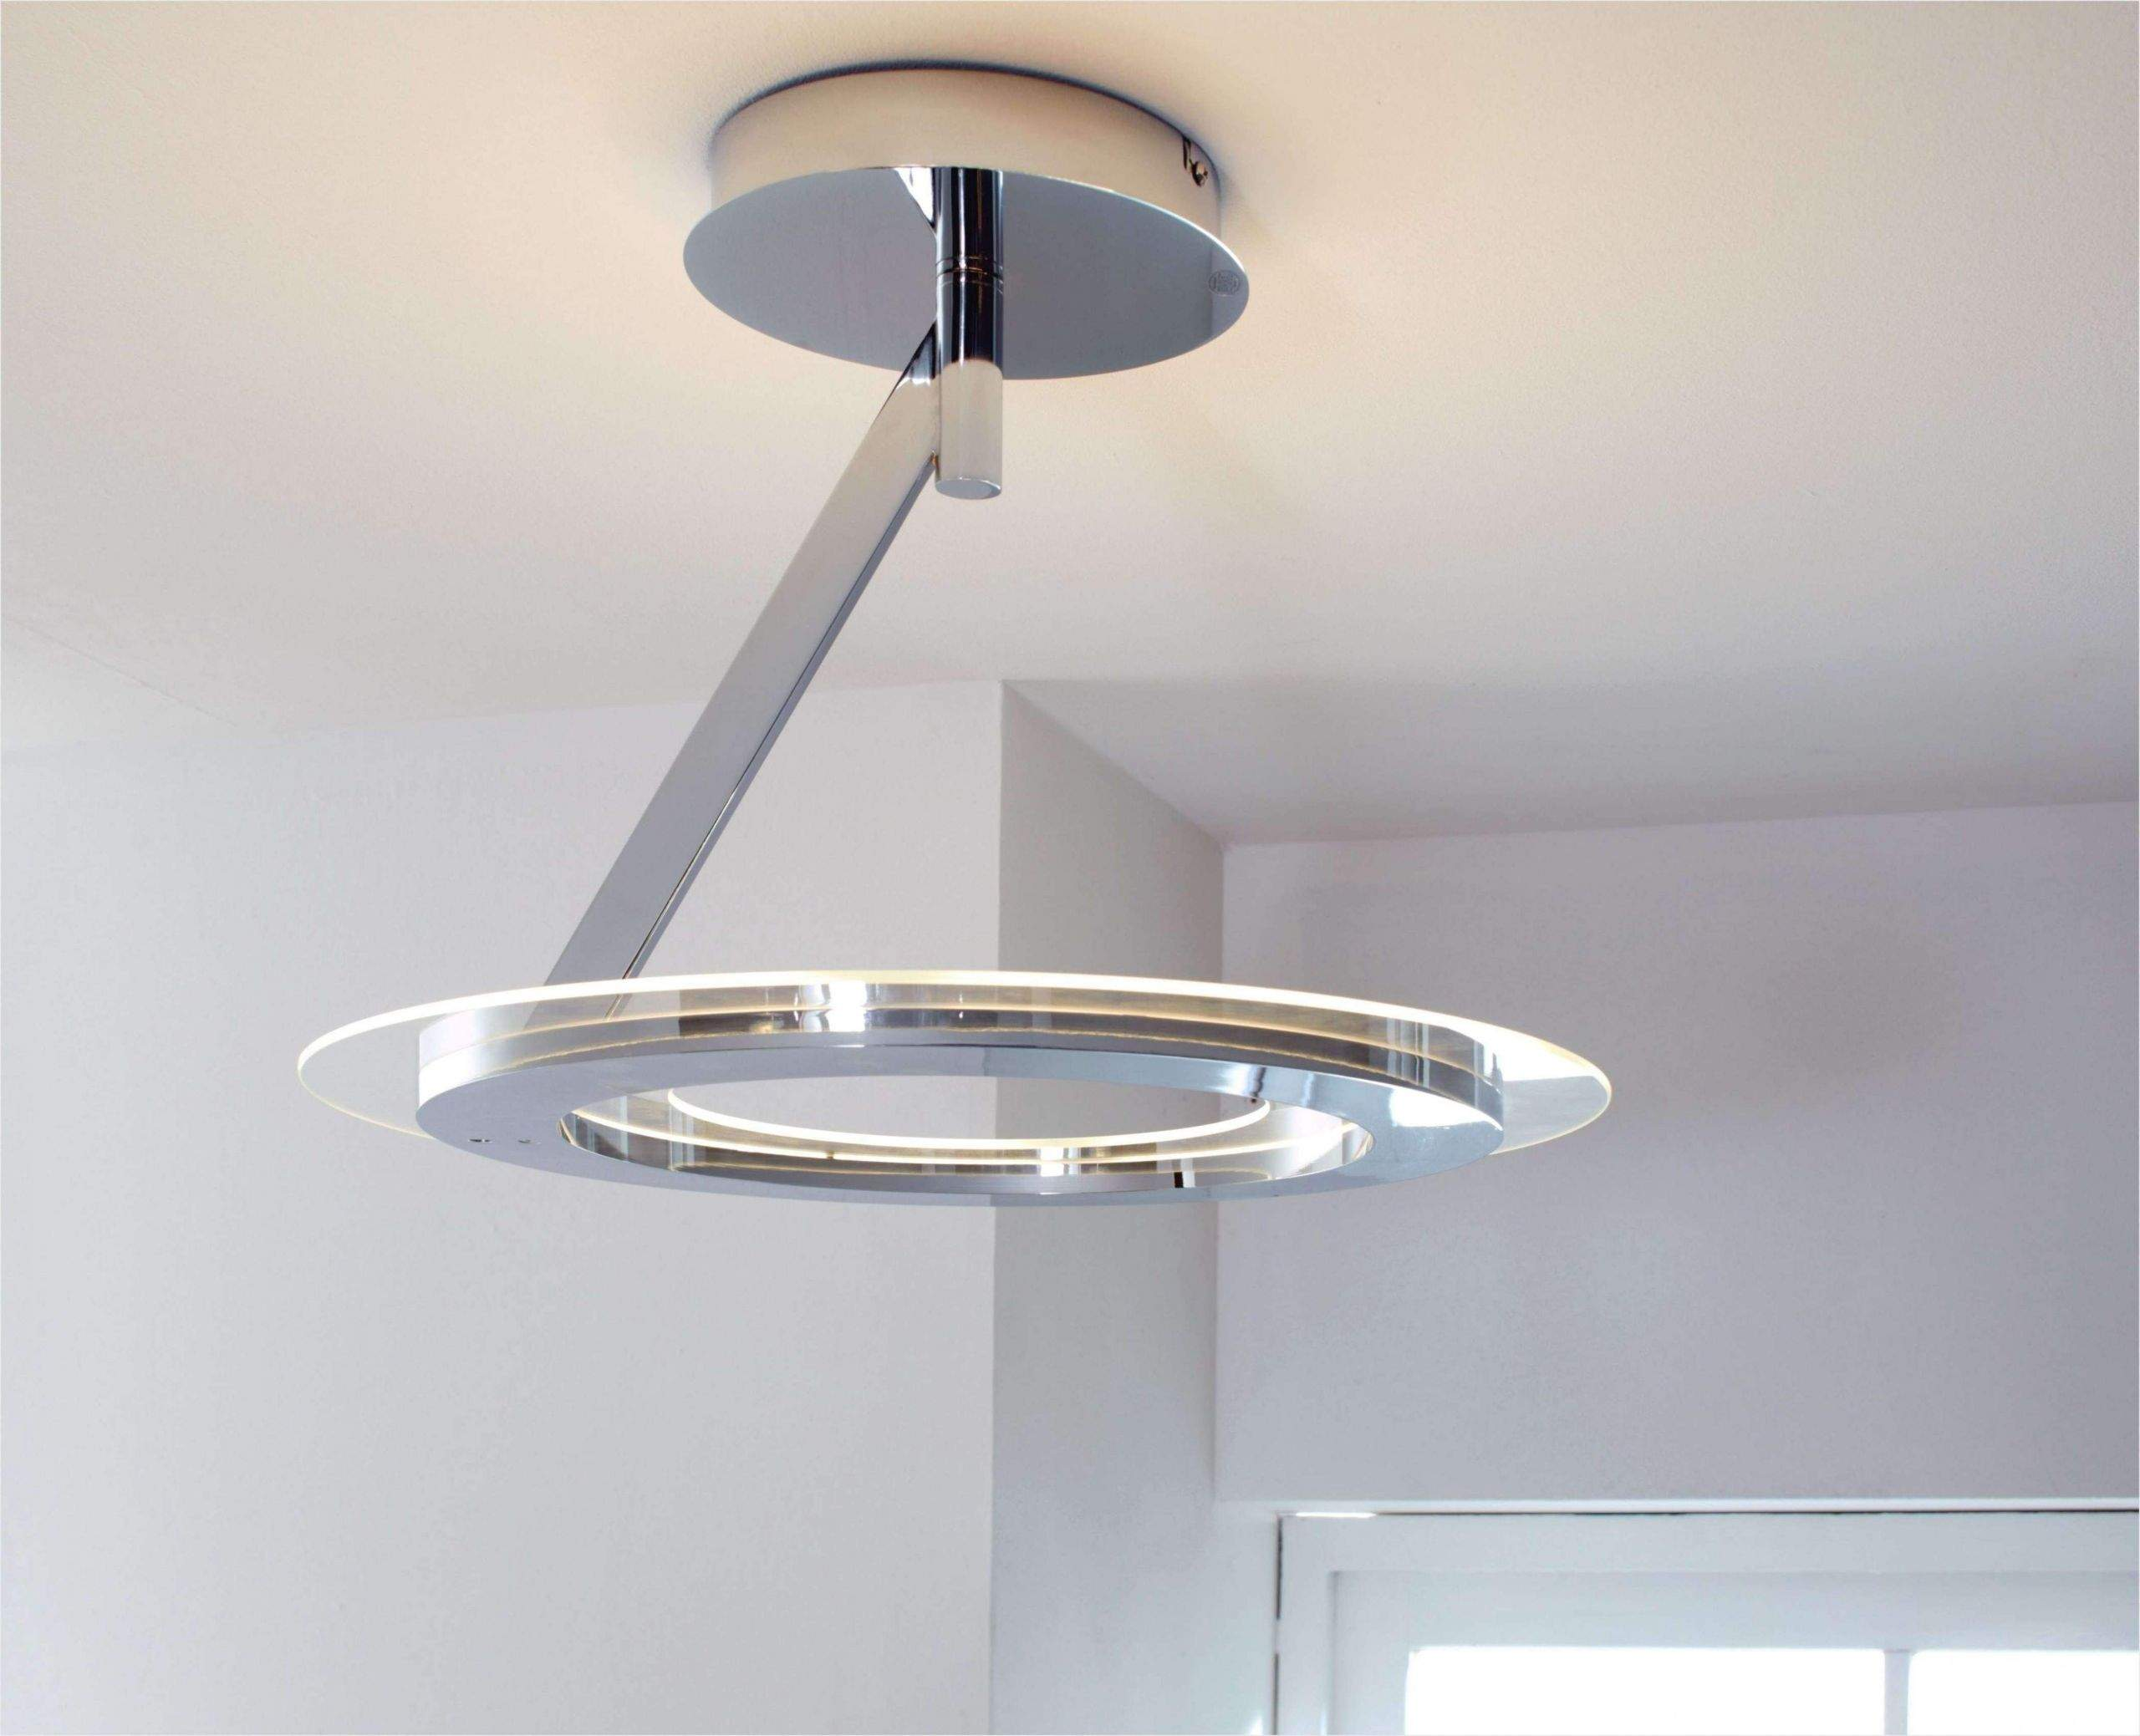 wohnzimmer lampe led schon wohnzimmer lampe led genial opal pipeline of wohnzimmer lampe led scaled